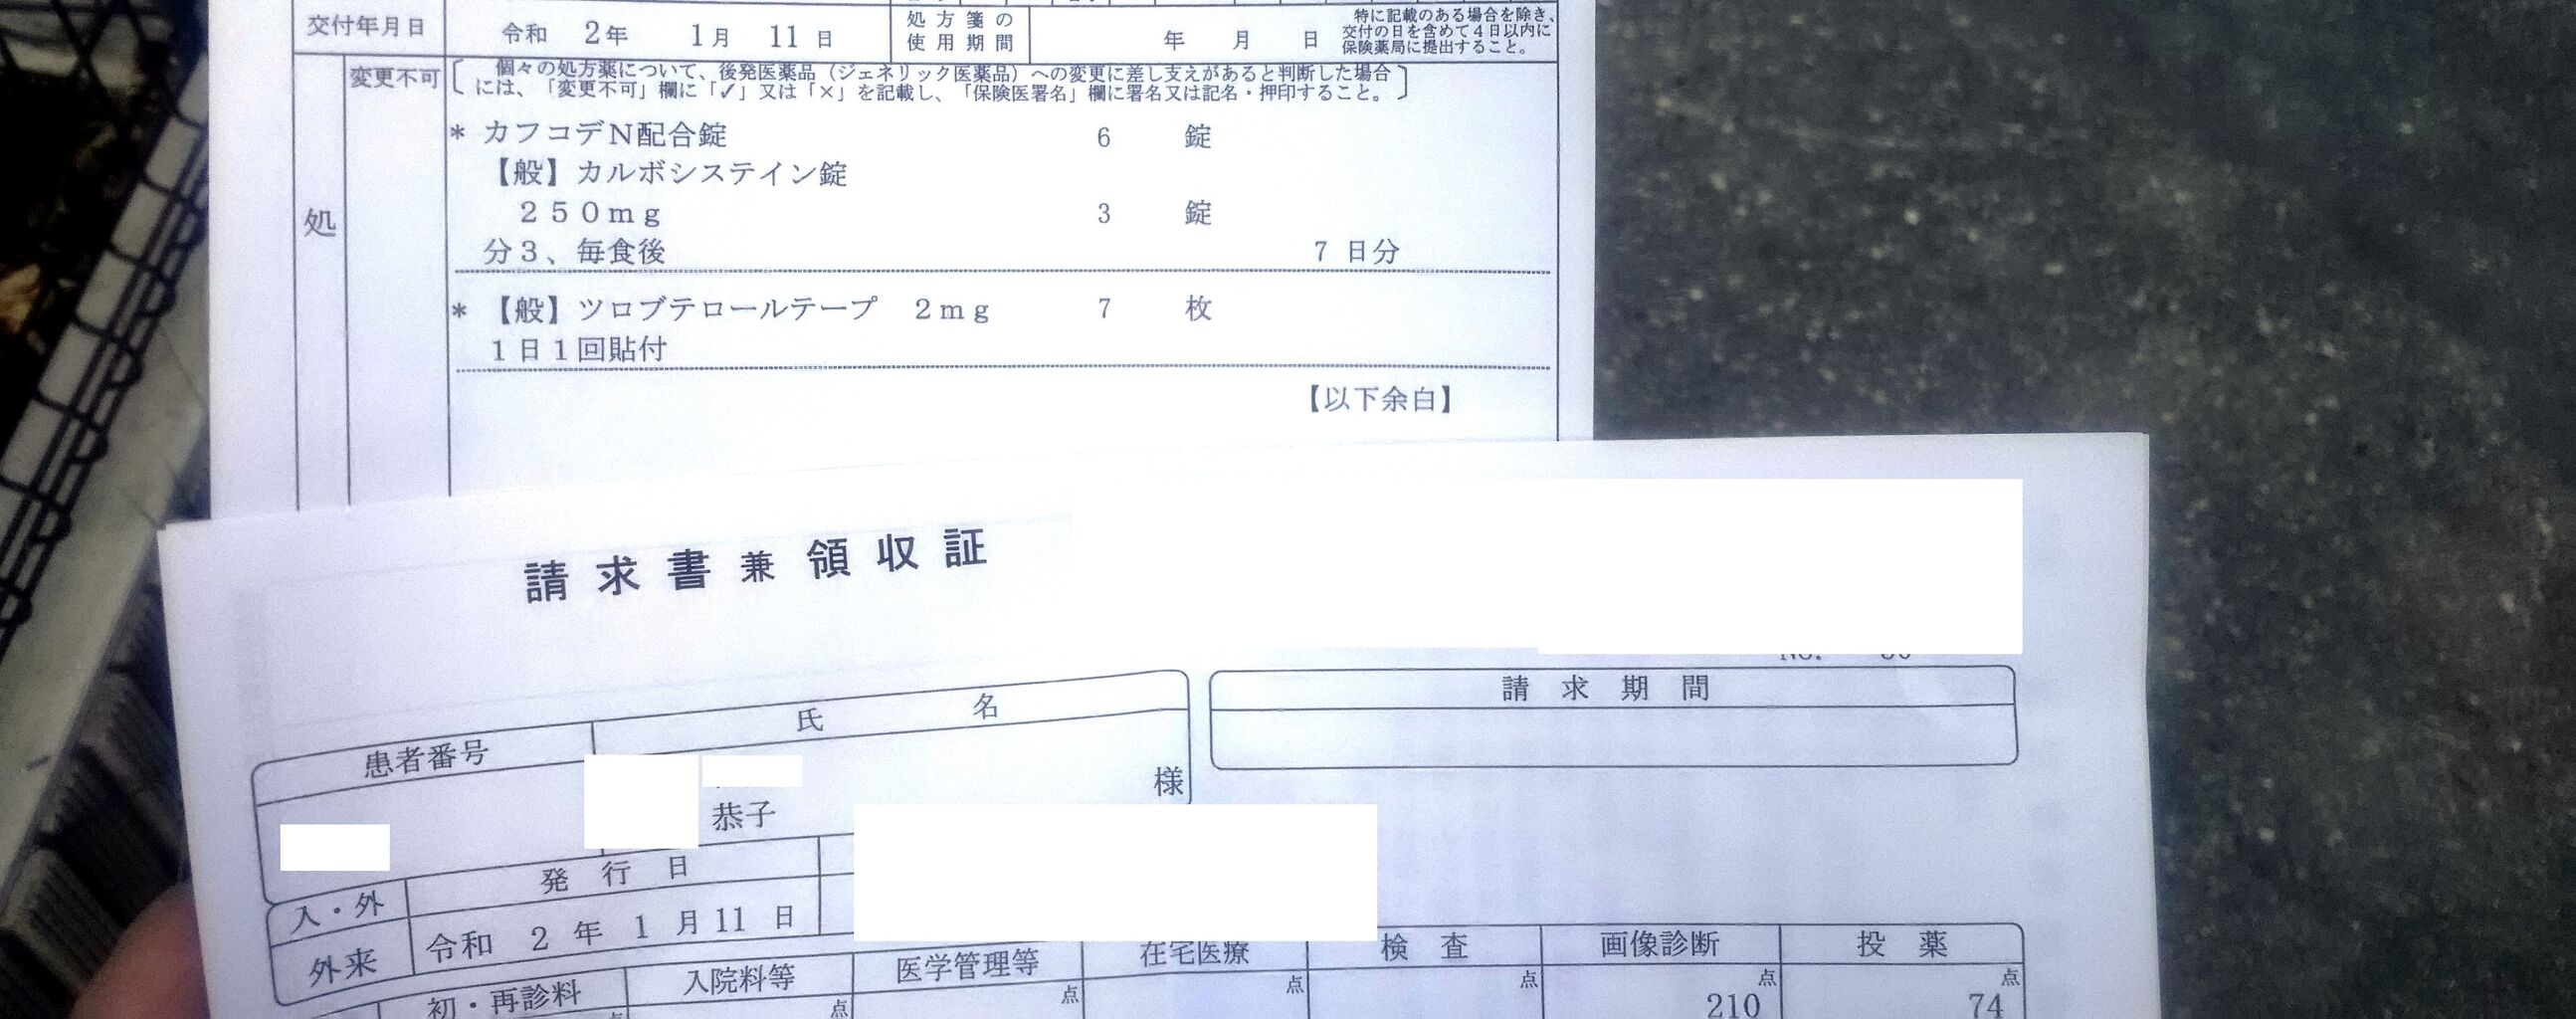 あDSC_3886